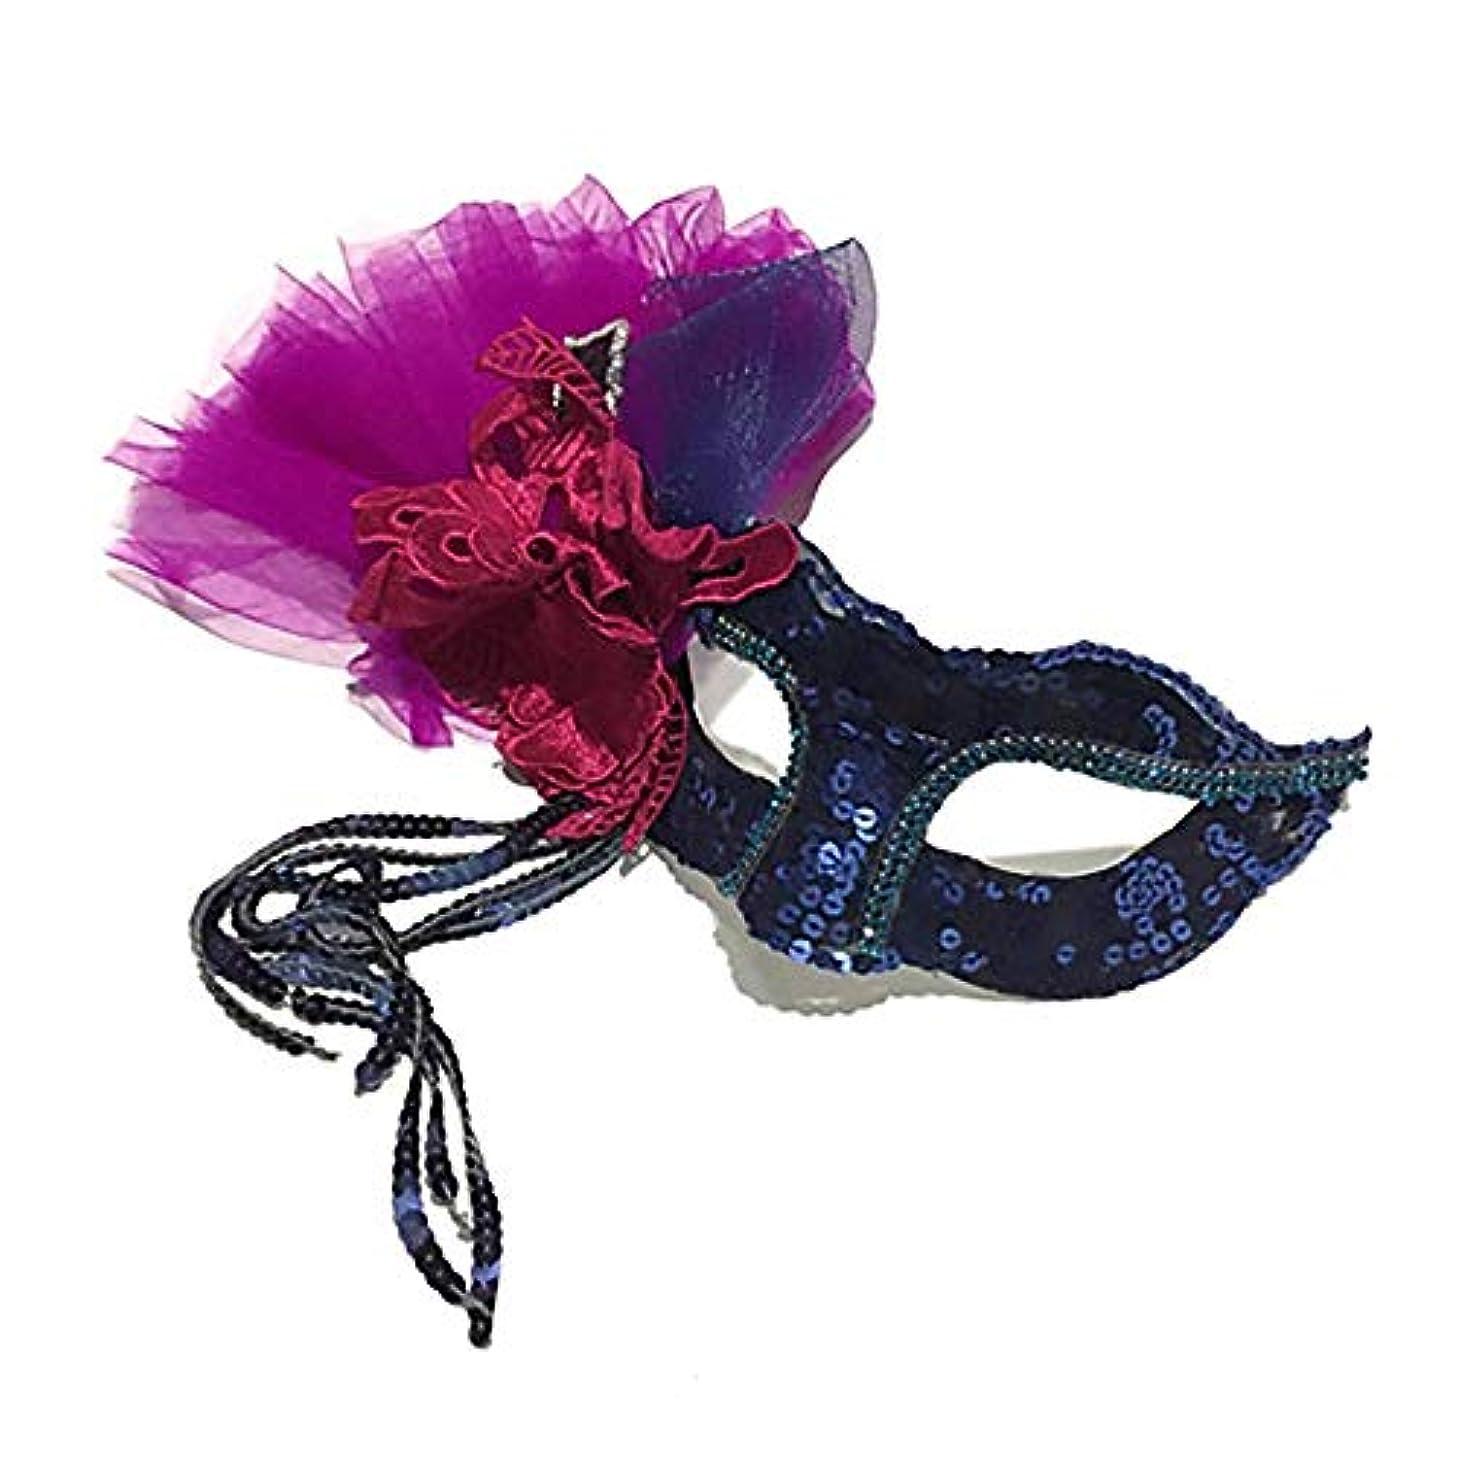 薬温度スタッフNanle 美容プリンセスファッションマスクゴールデンレースステージハロウィンボールフリンジフェザーマスクパーティーマスク (色 : Style A)